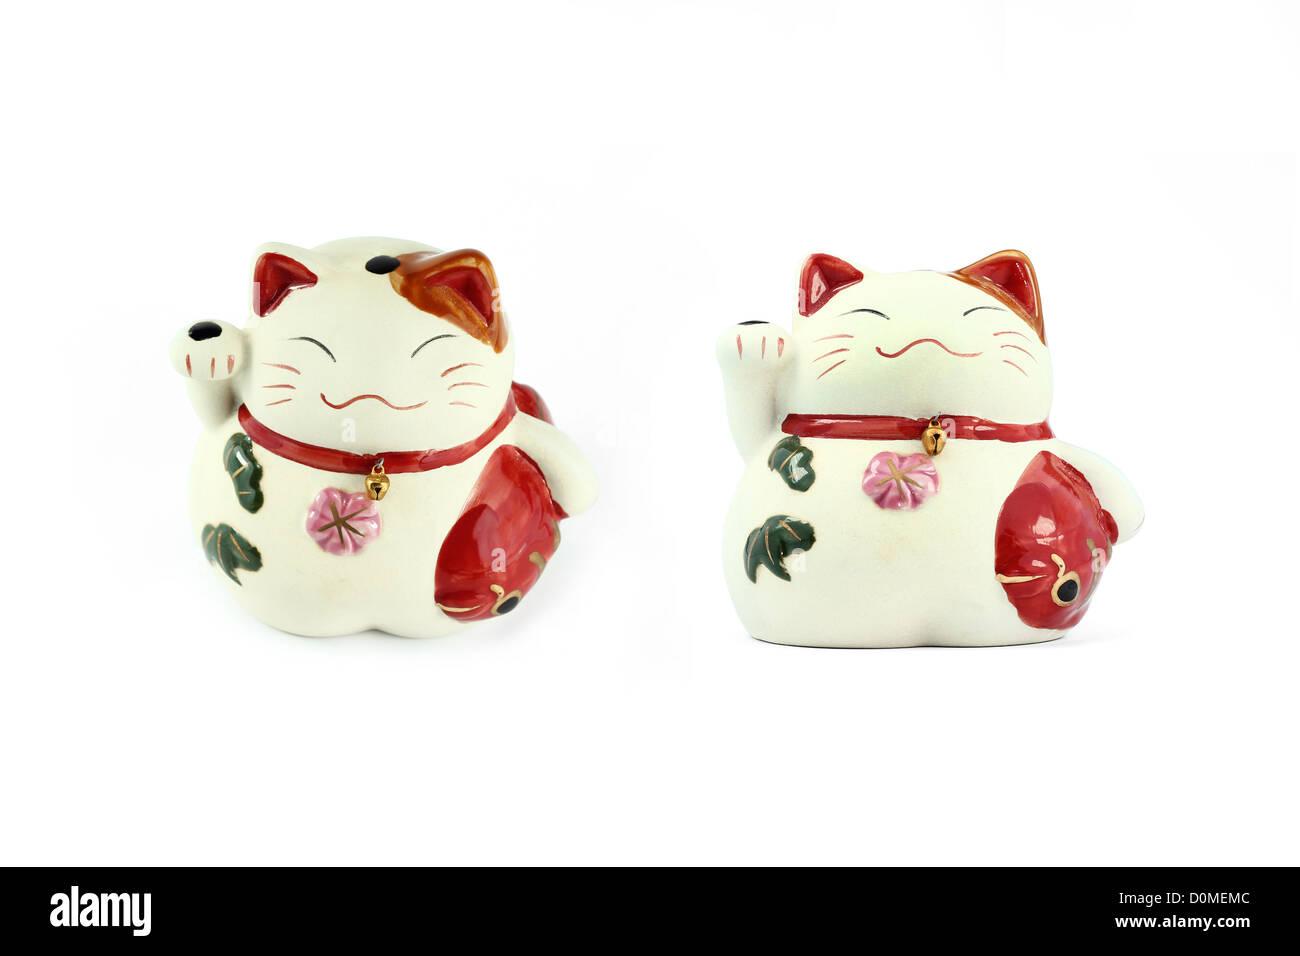 Maneki neko ( japanese fortune cat ) isolated on white - Stock Image